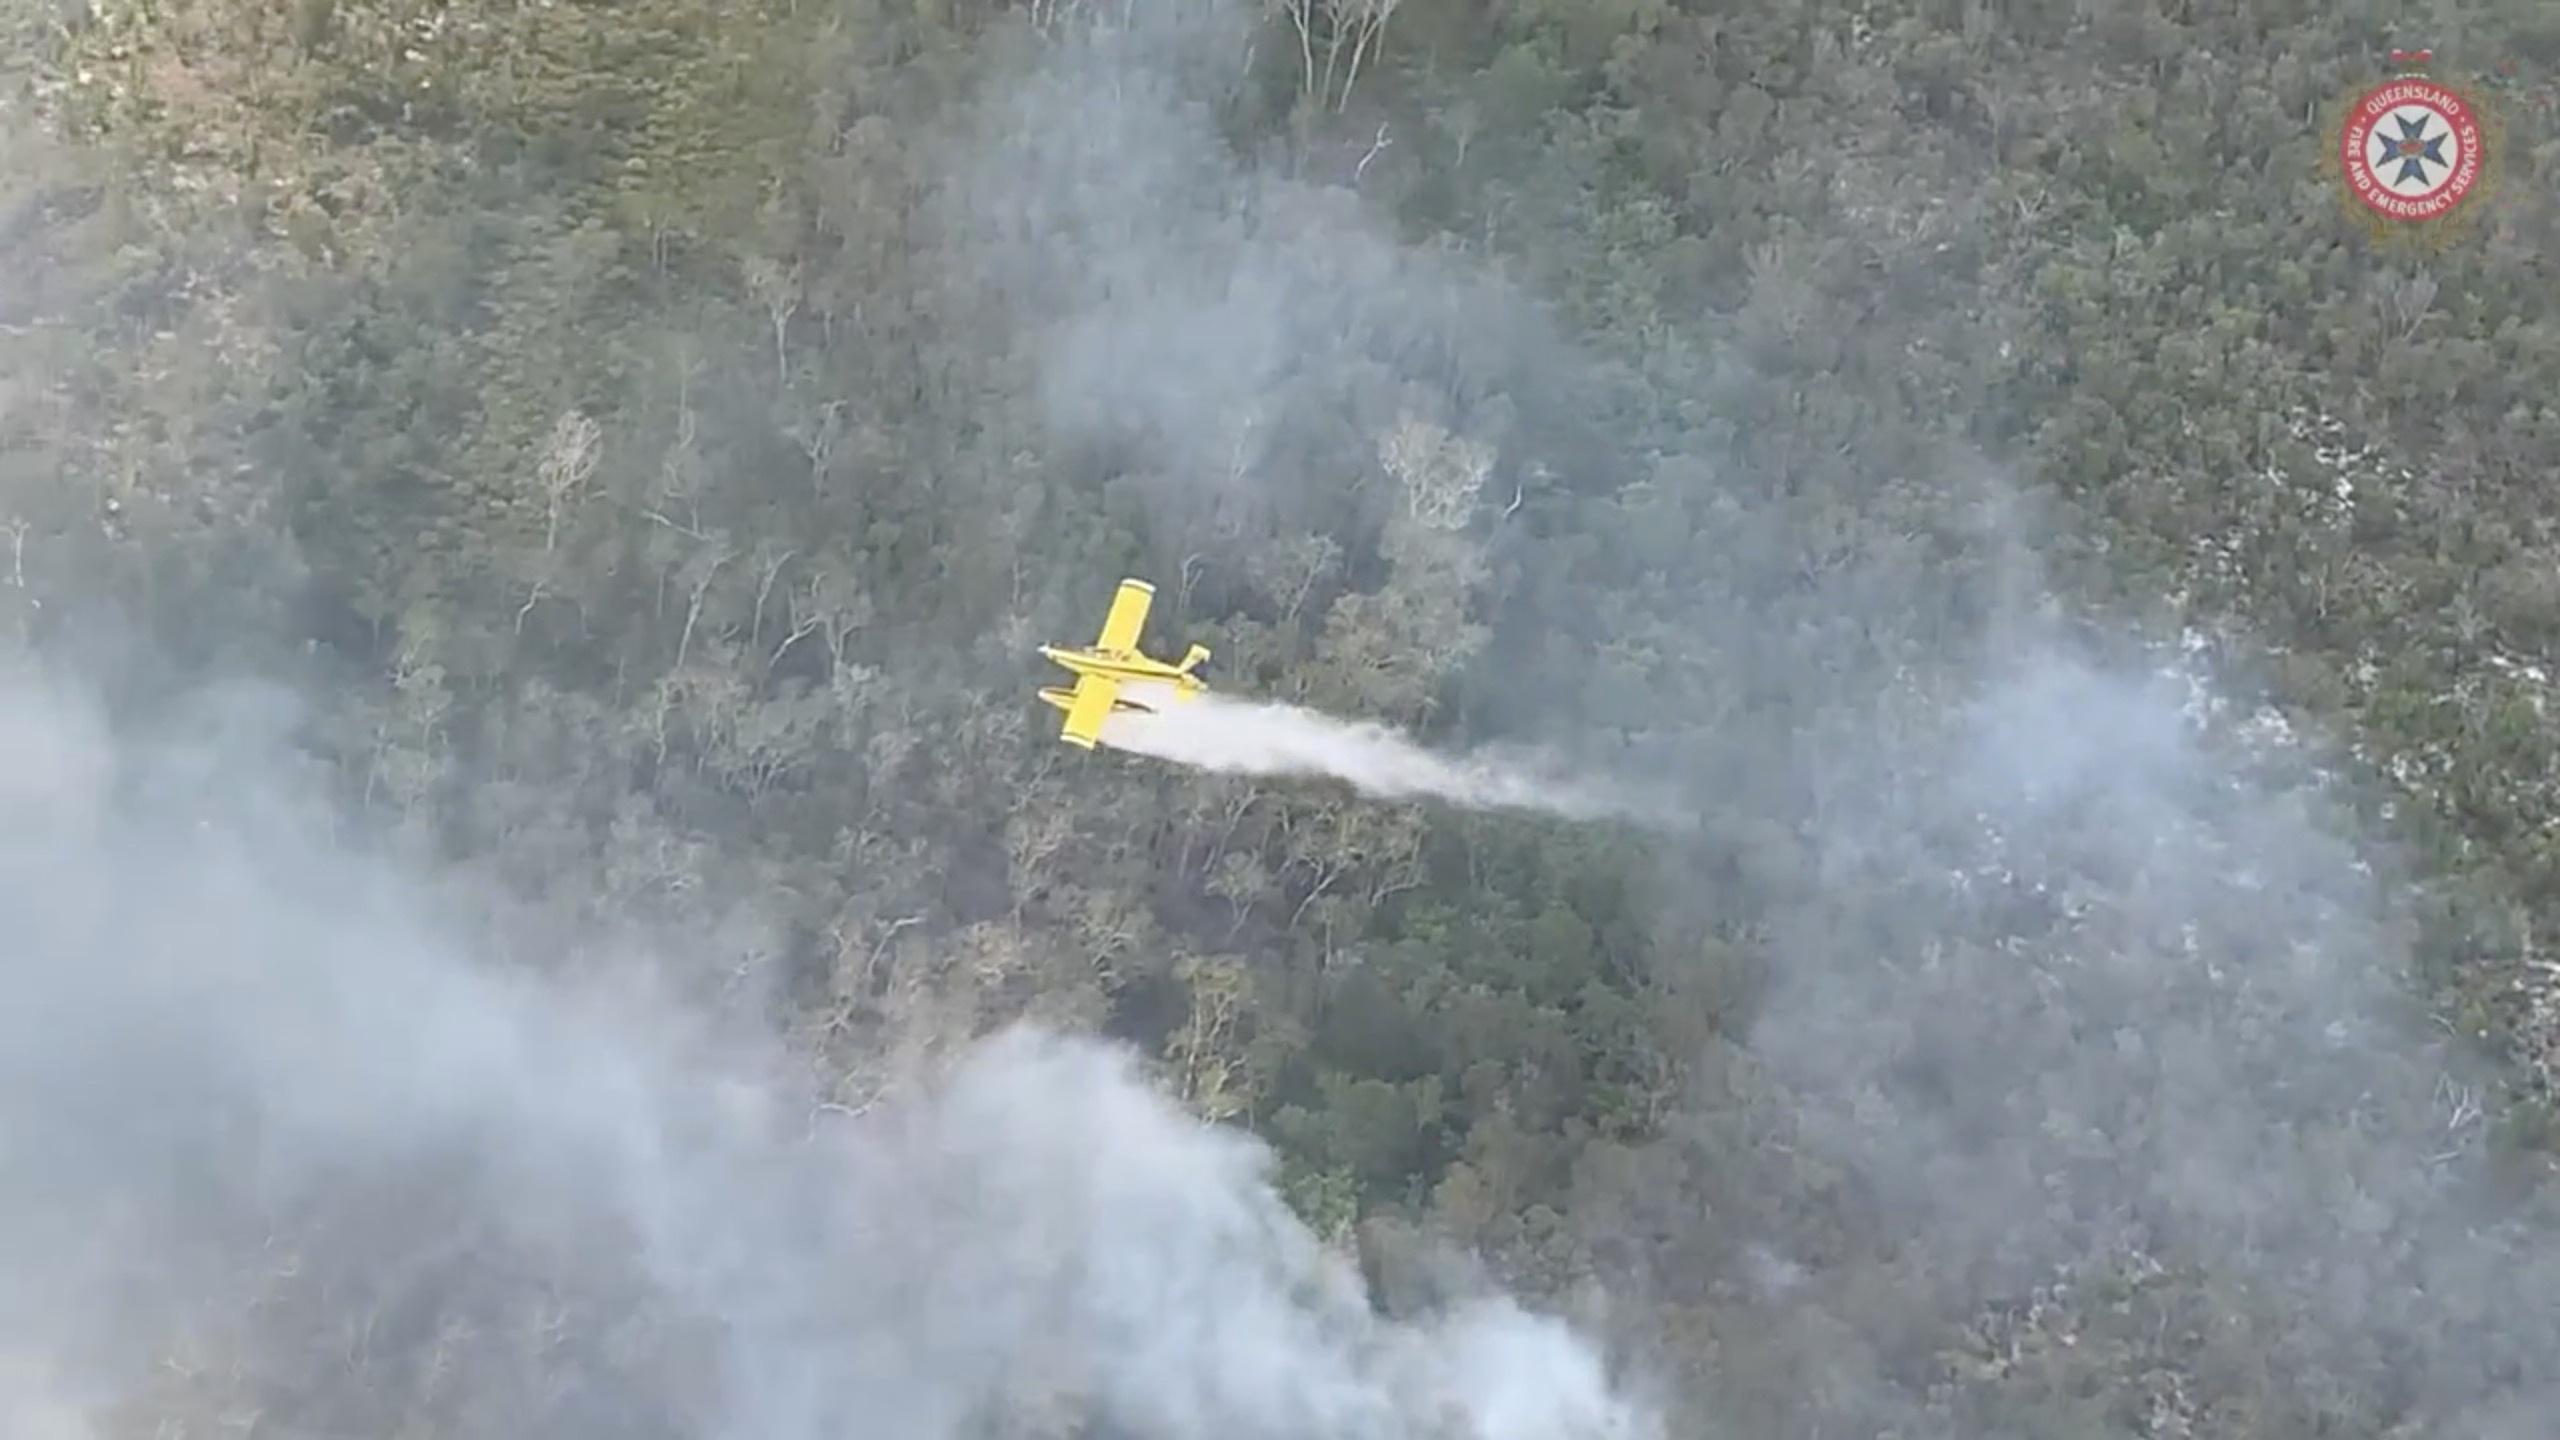 Αυστραλία: Η βροχή έθεσε υπό έλεγχο τη γιγάντια φωτιά στη νήσο Φρέιζερ